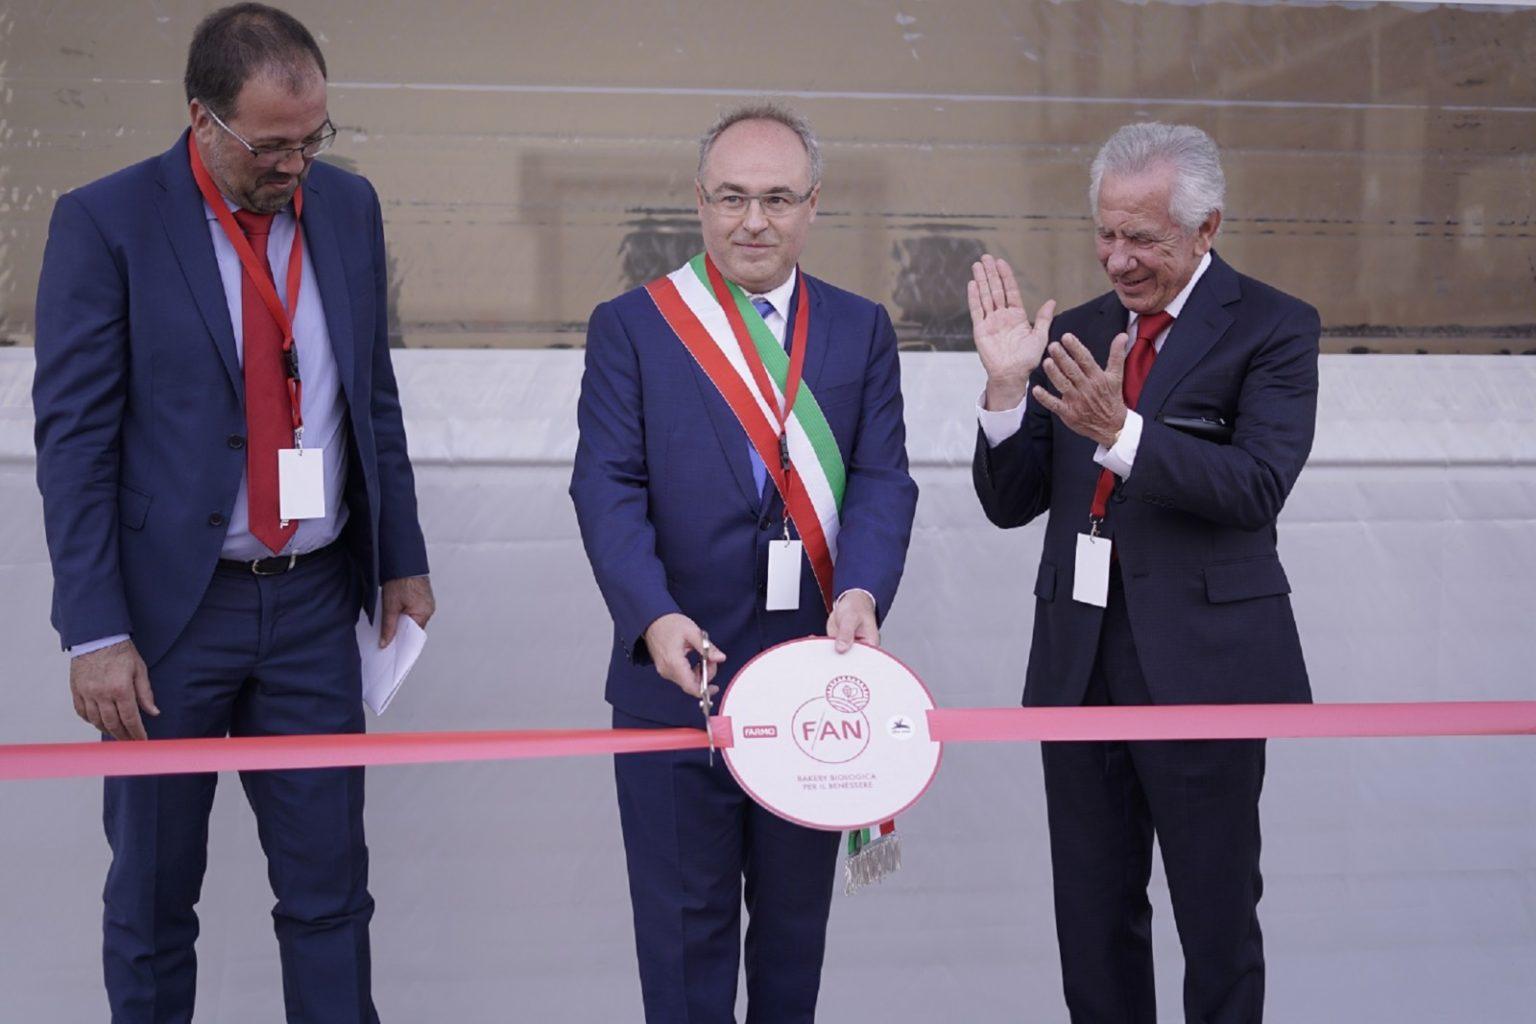 Marco Santori-Presidente FAN_Pierluca Oldani-Sindaco di Casorezzo_Remo Giai-Presidente Farmo_Taglio del nastro FAN